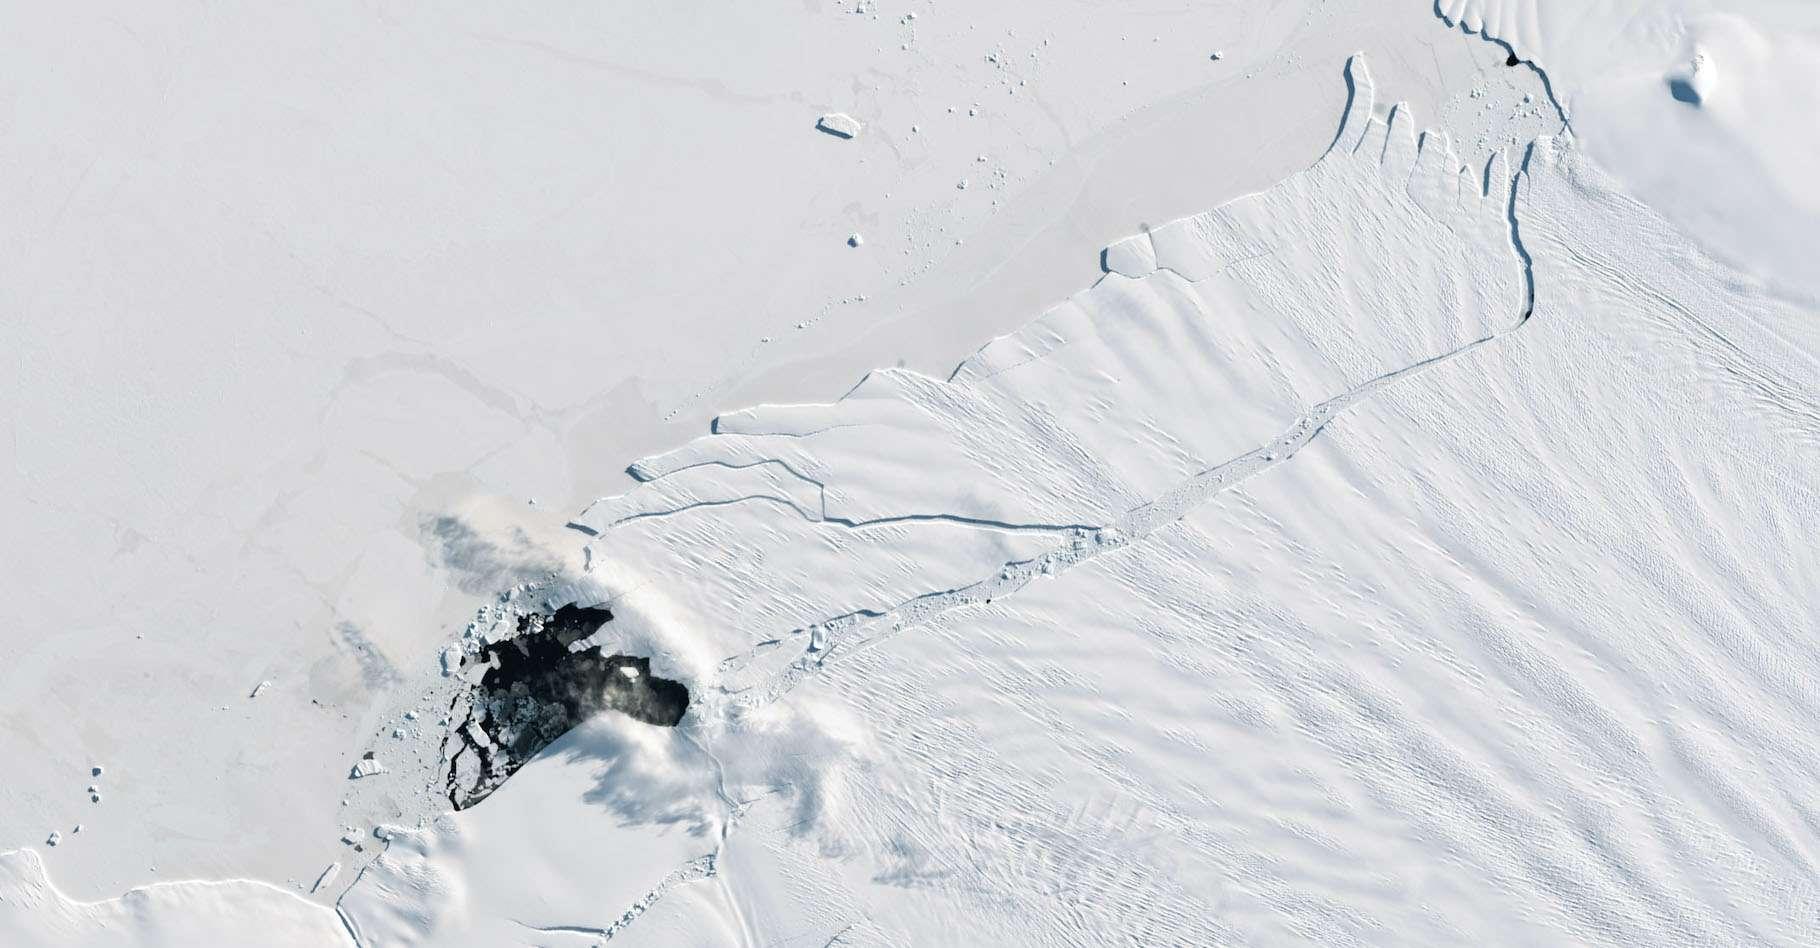 Le glacier de l'île du Pin, Pine Island Glacier, a formé des glaciers en 1992, 1995, 2001, 2007, 2013, 2015, 2017 – en image ici –, 2018 et désormais, 2020. © Earth Observatory, Nasa